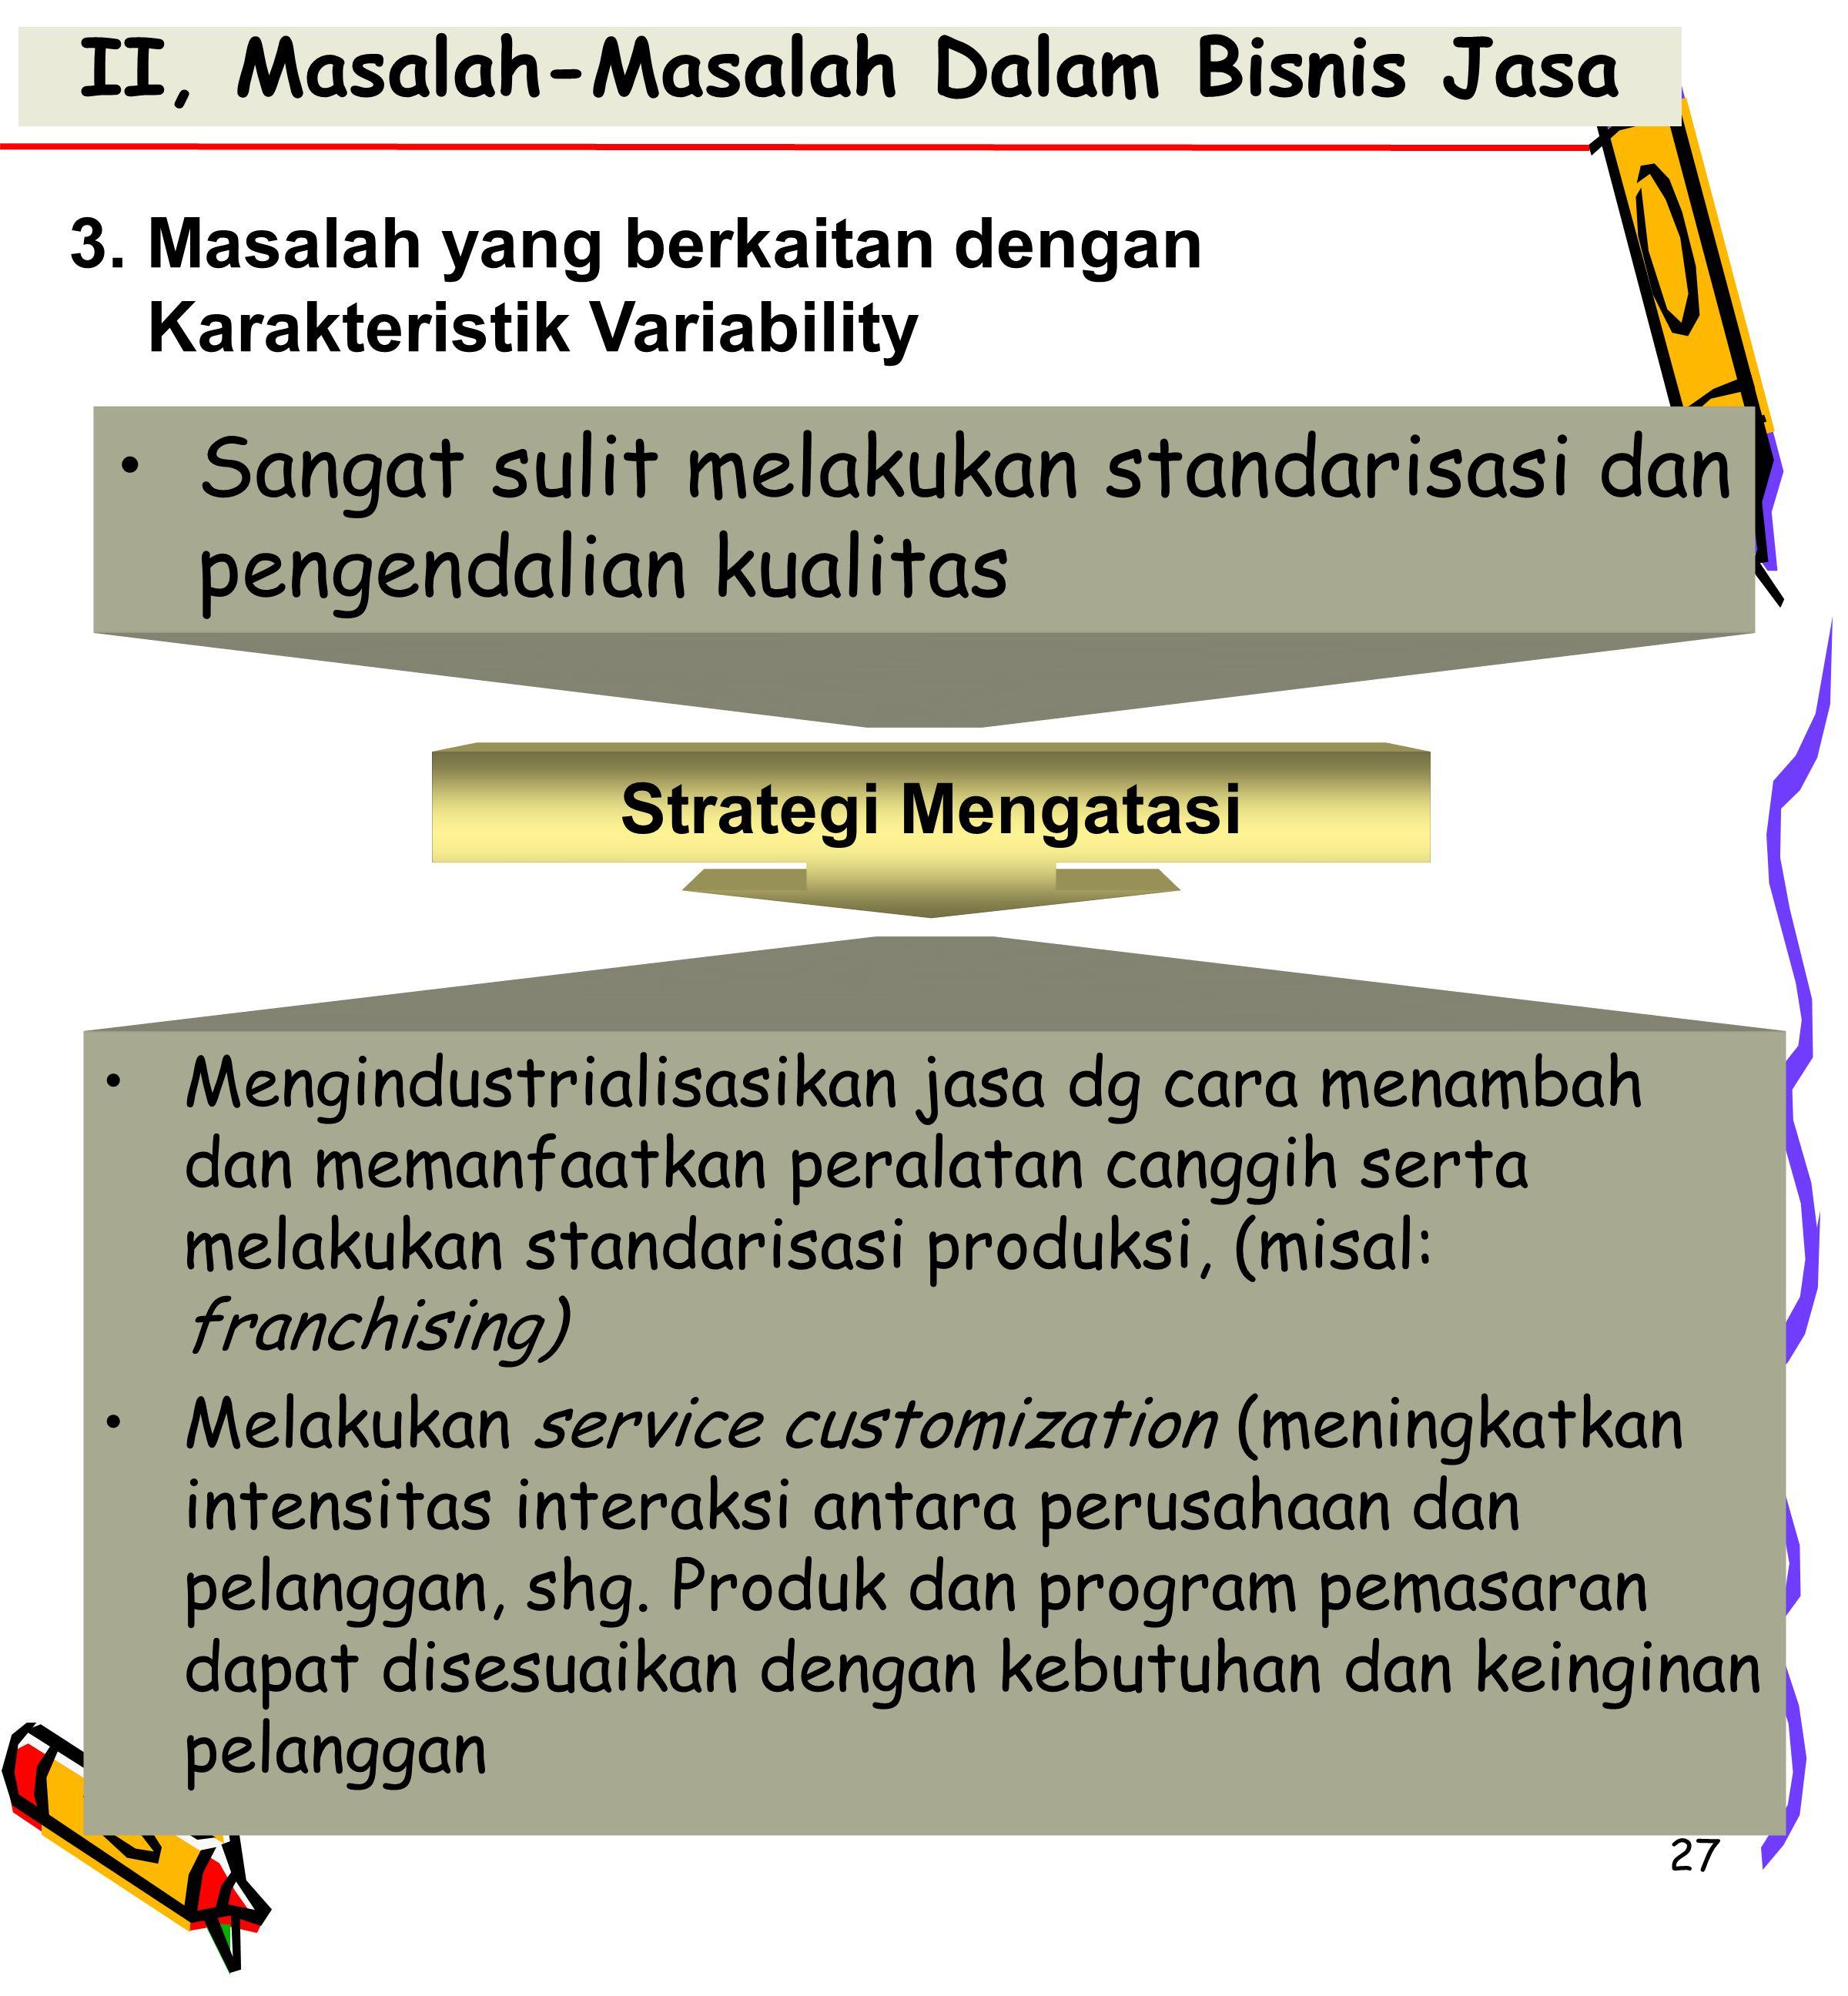 II, Masalah-Masalah Dalam Bisnis Jasa